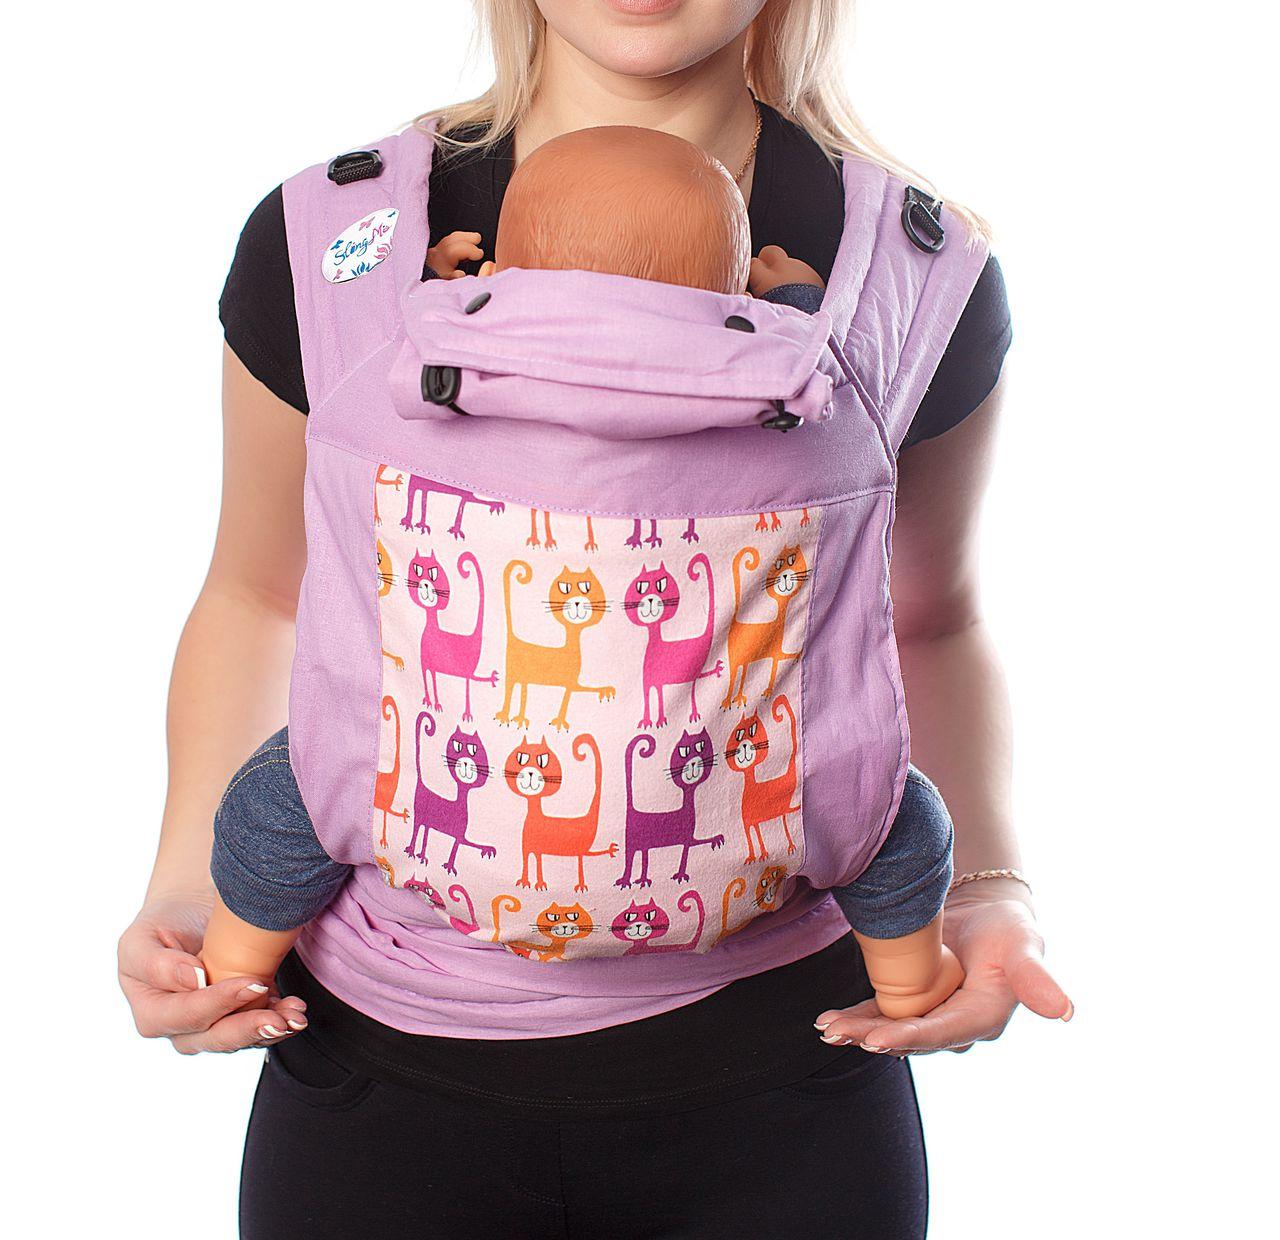 Купить Май-слинг, Май-слинг SlingMe Коты фиолетовый, Слинги для новорожденного